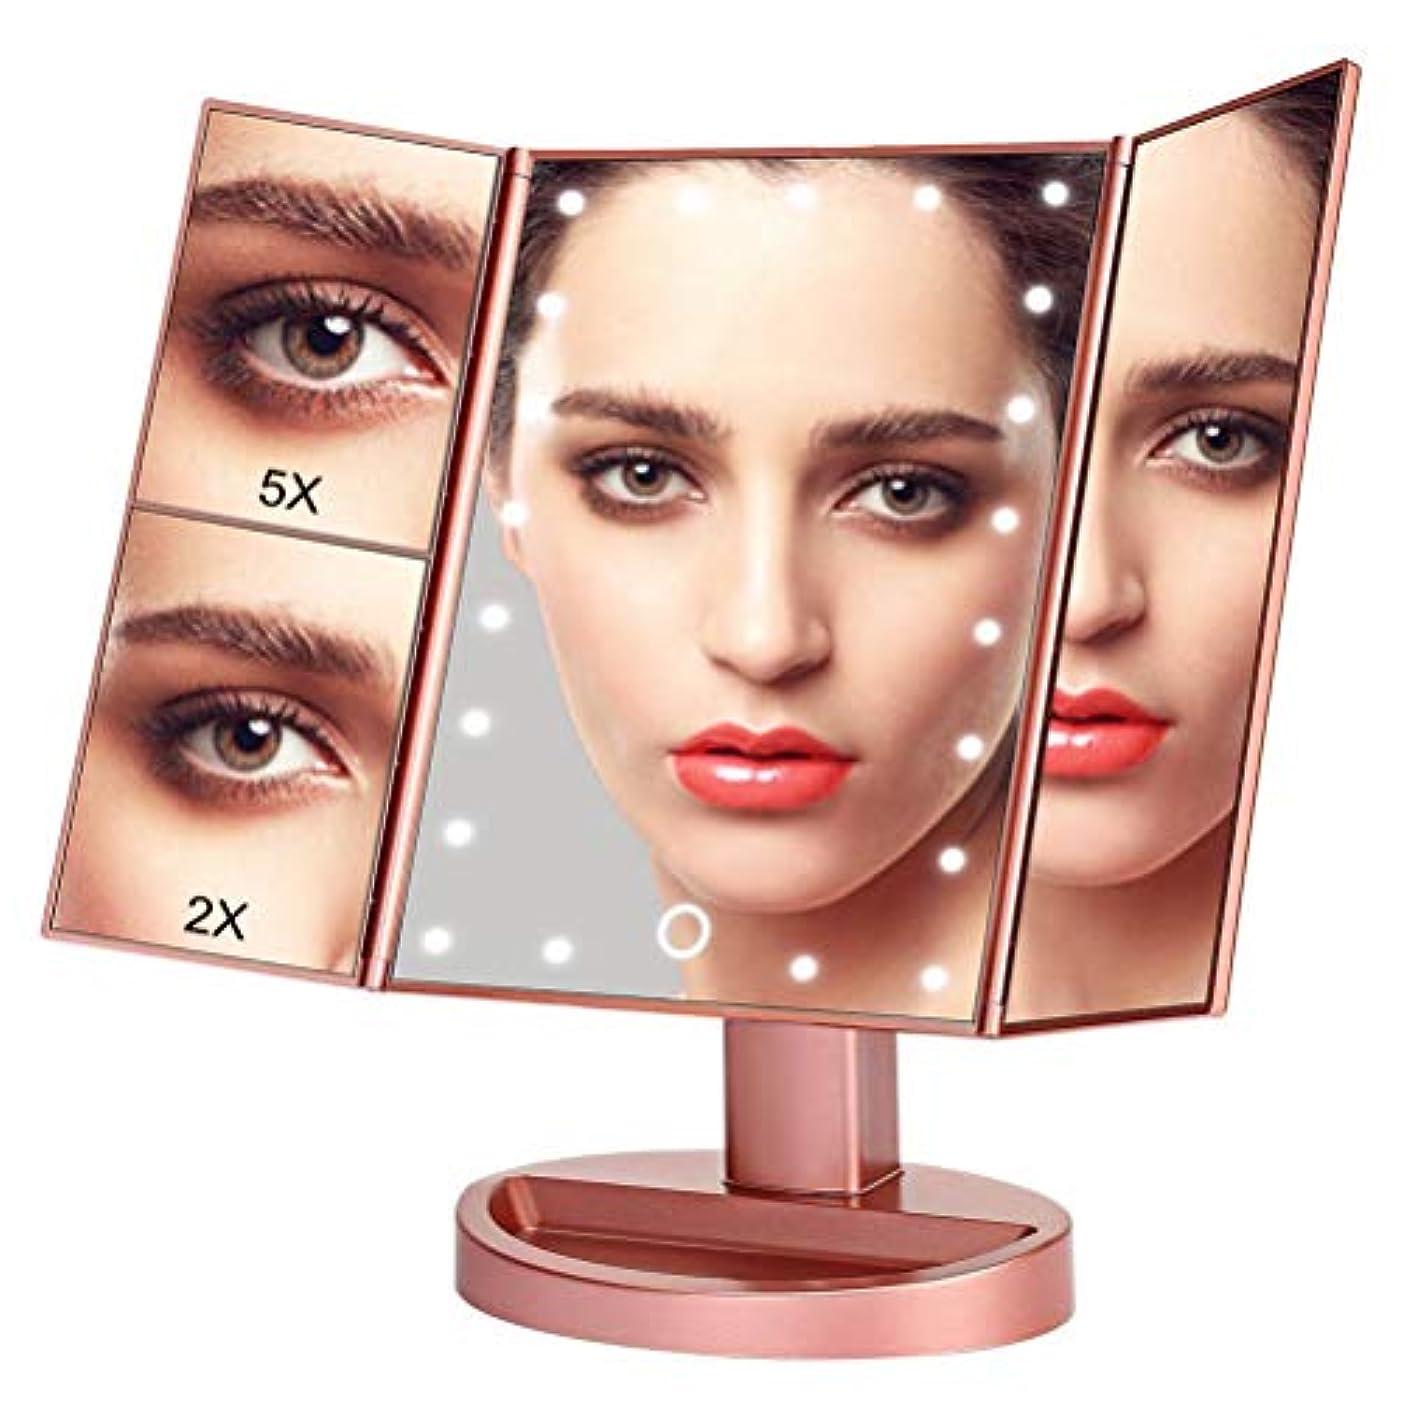 材料ありがたいベギンOKISS 三面鏡 LED化粧鏡 卓上 ミラー 女優 鏡 2倍と5倍拡大鏡付き 明るさ調節可能 折り畳み式 180°回転 USB/単4電池給電 (LED三面鏡2)